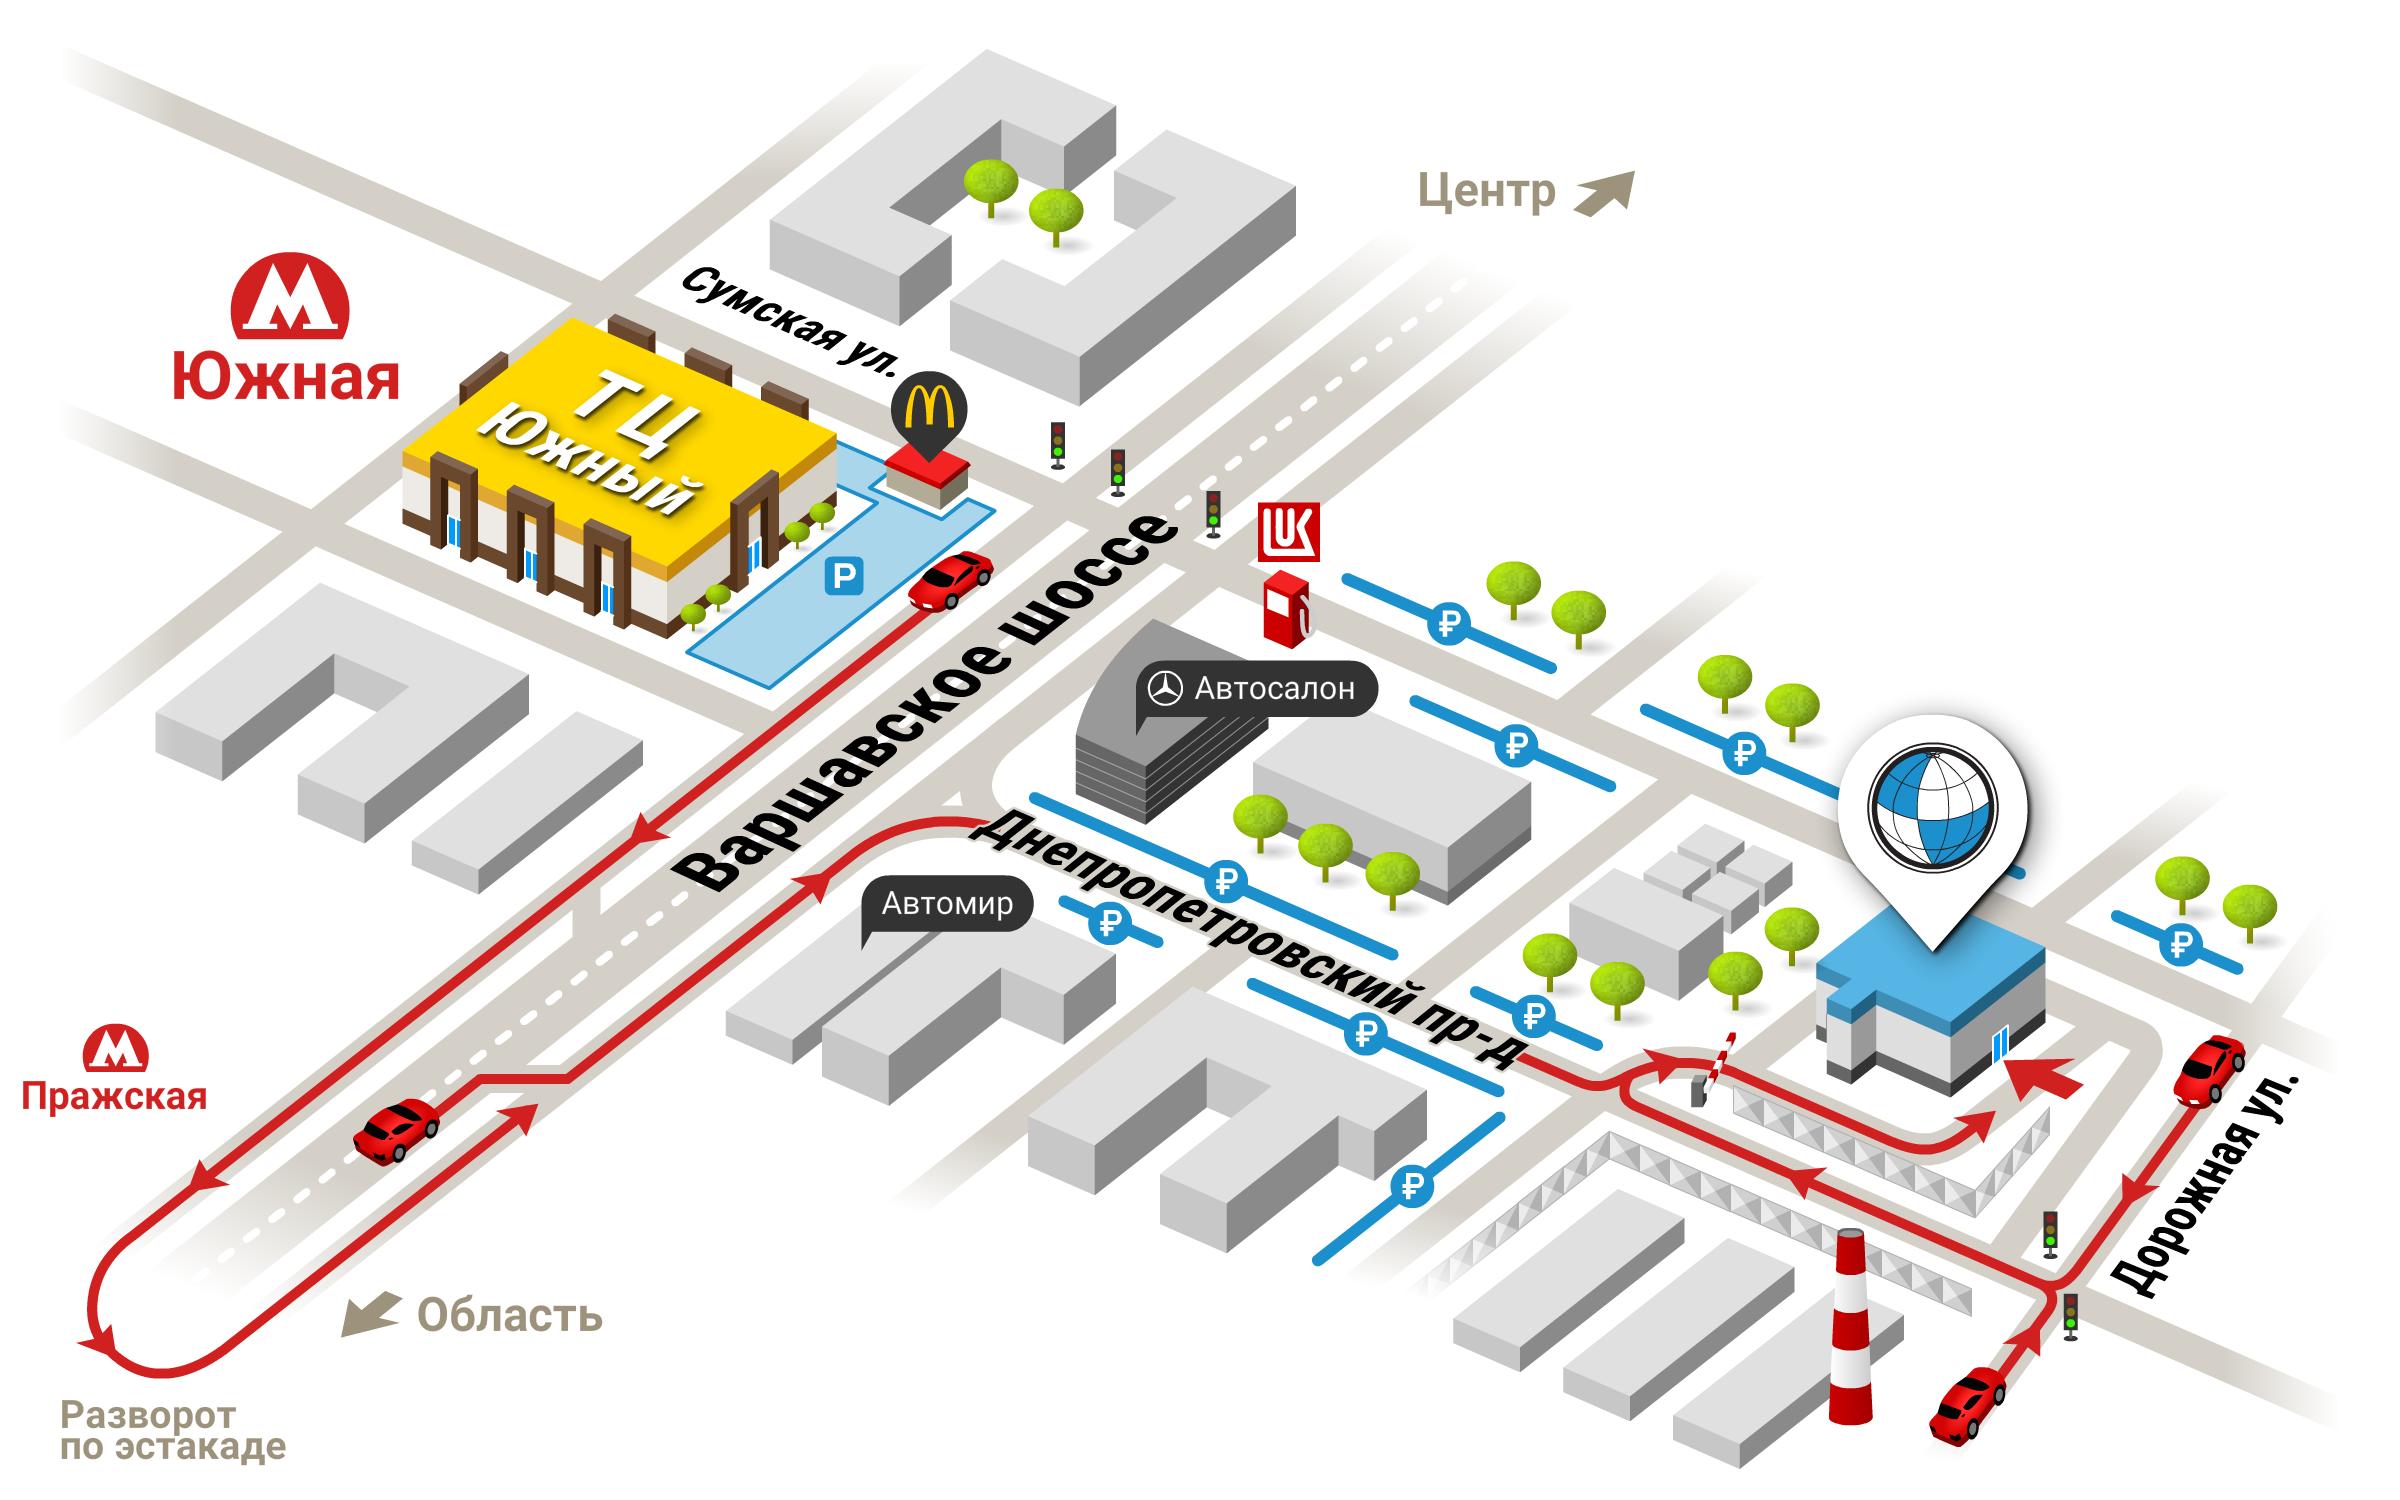 Сделать схему проезда сайт топ шоп официальный сайт интернет магазин одежды в москве